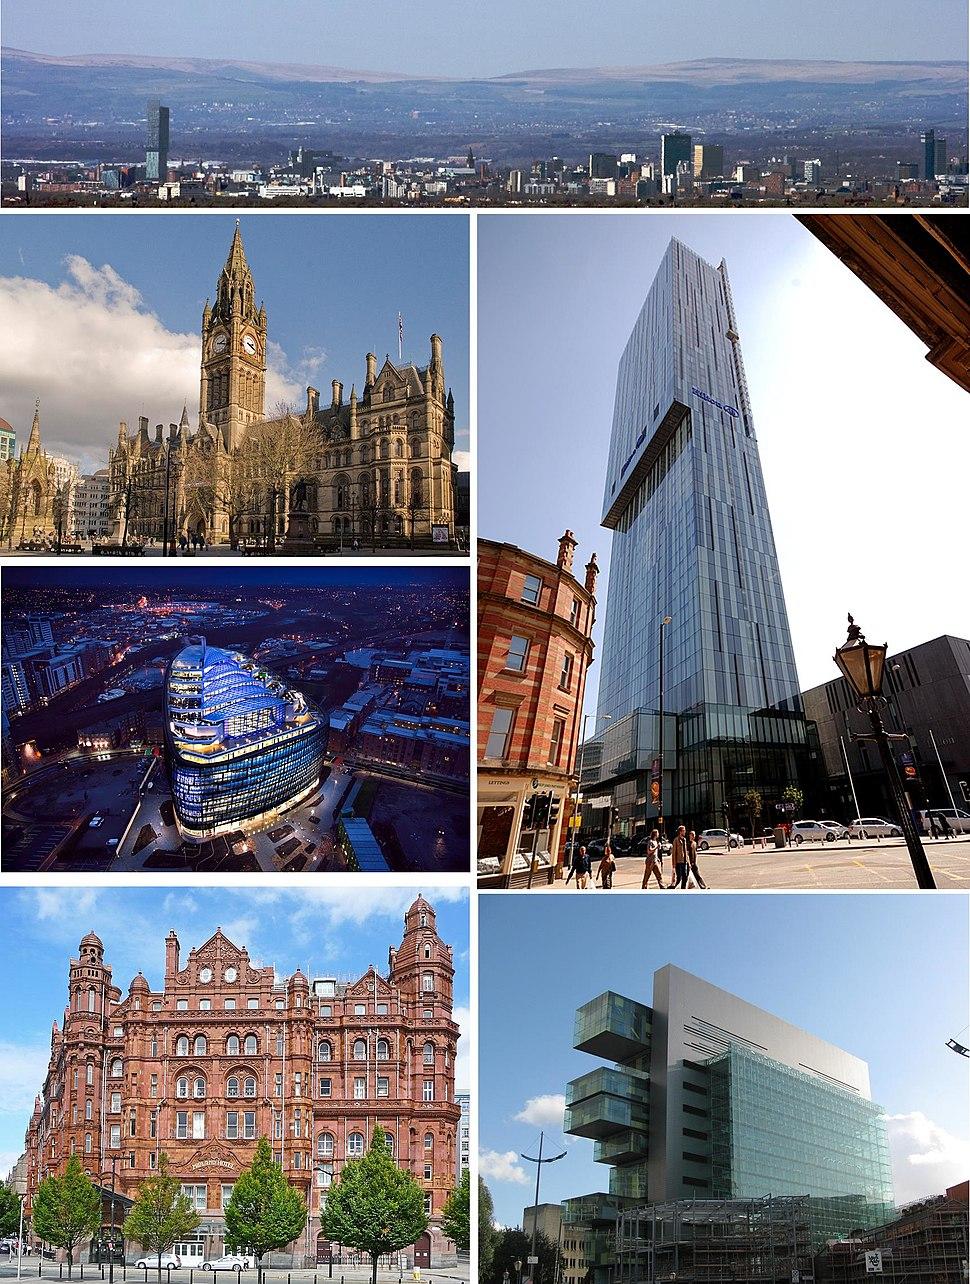 ตามเข็มนาฬิกาจากด้านบน: เมืองจากระยะไกล, บีดัมทาวเวอร์, ศาลแพ่งแมนเชสเตอร์, โรงแรมมิดแลนด์, วันแอนเจิลสแควร์, ศาลาว่าการเมืองแมนเชสเตอร์